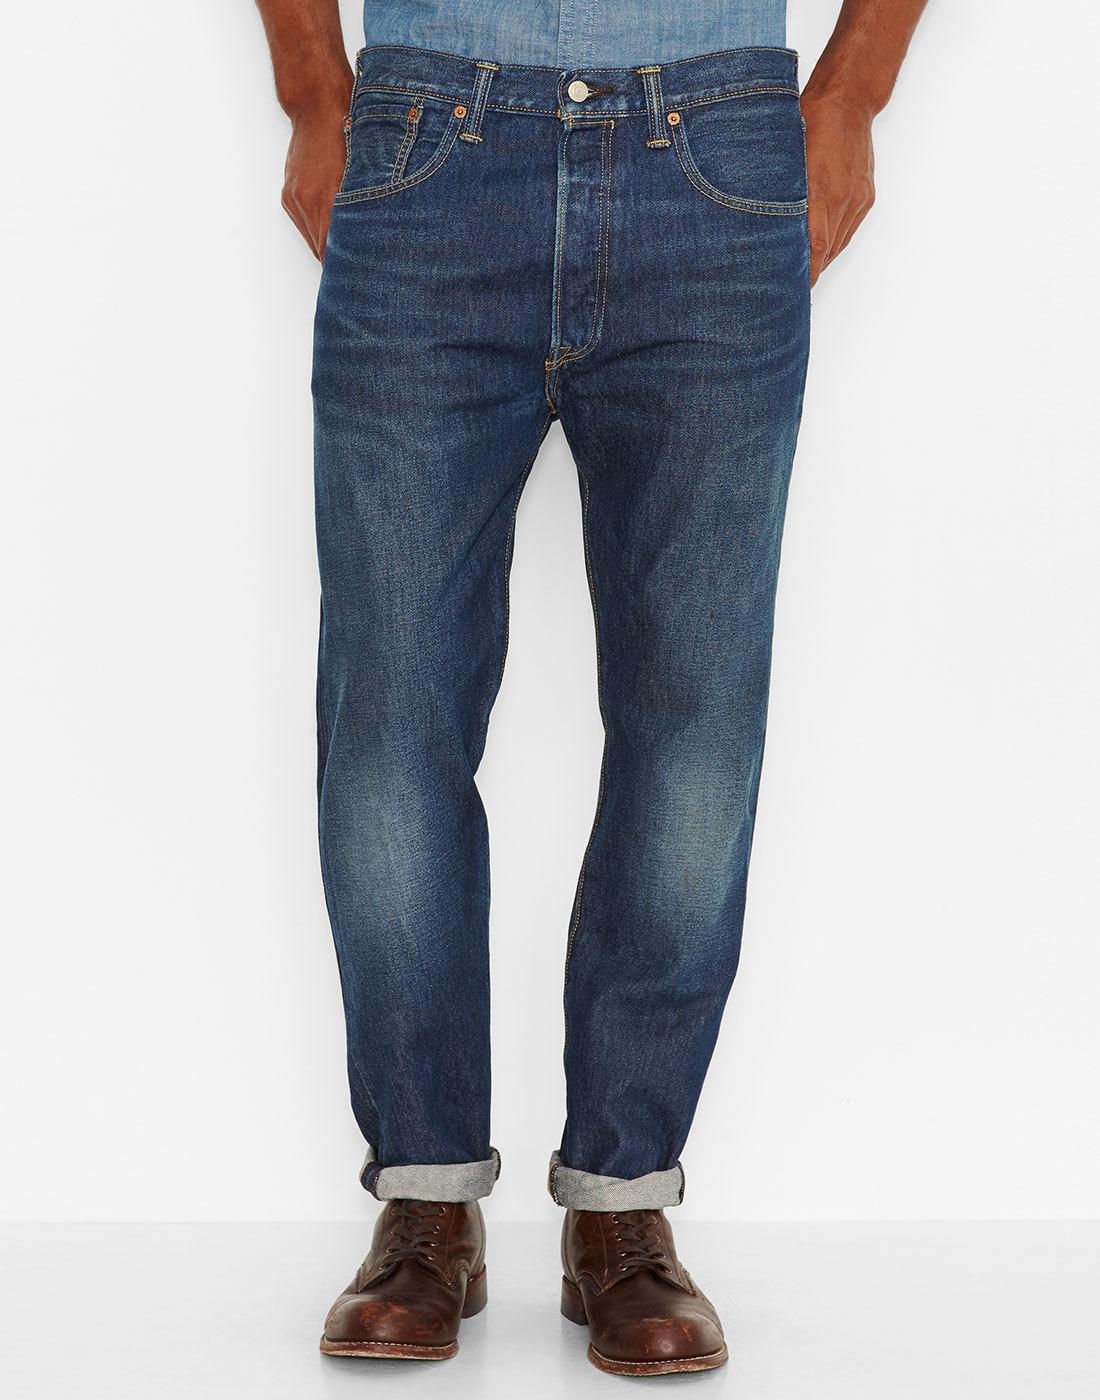 c8fbff56 LEVI'S® 501 CT Retro Original Fit Straight Mens Jeans in Dalston